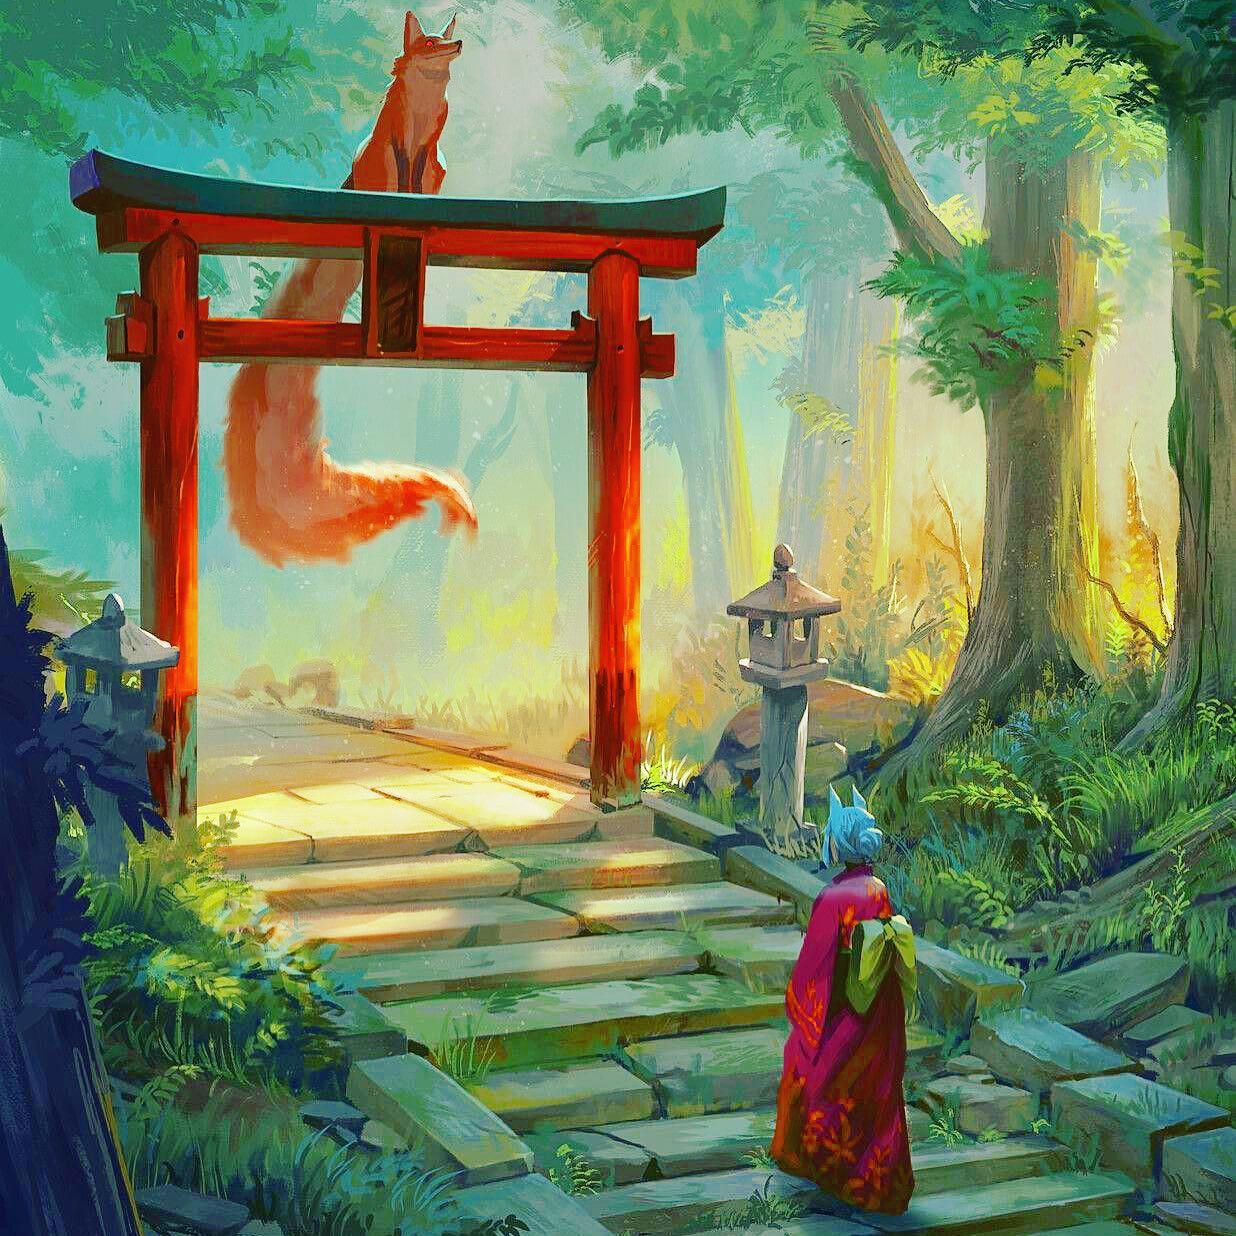 Du shintoïsme à l'écologie : quel rapport les japonais entretiennent-ils avec la nature ? - un livre de Julie Proust Tanguy